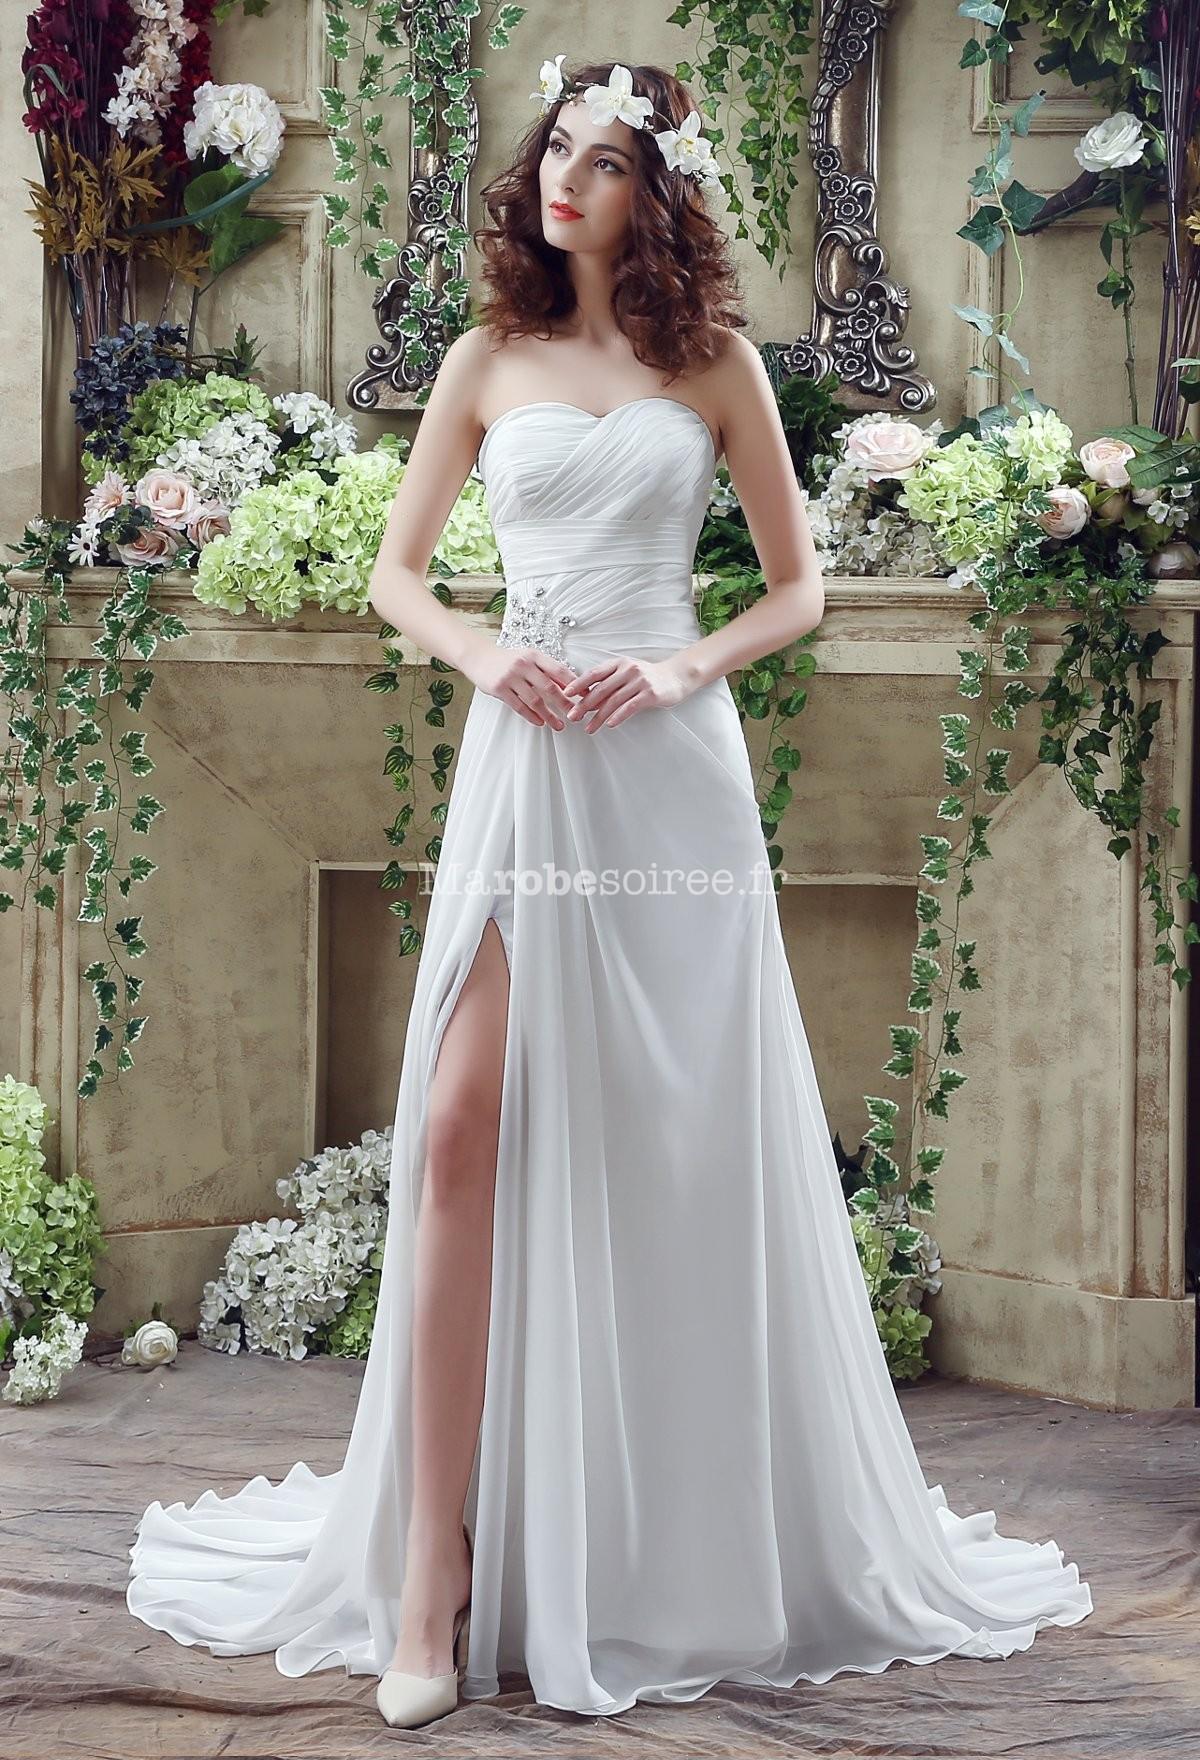 Accueil / Robe de mariée simple avec bustier drapé réf SQ251